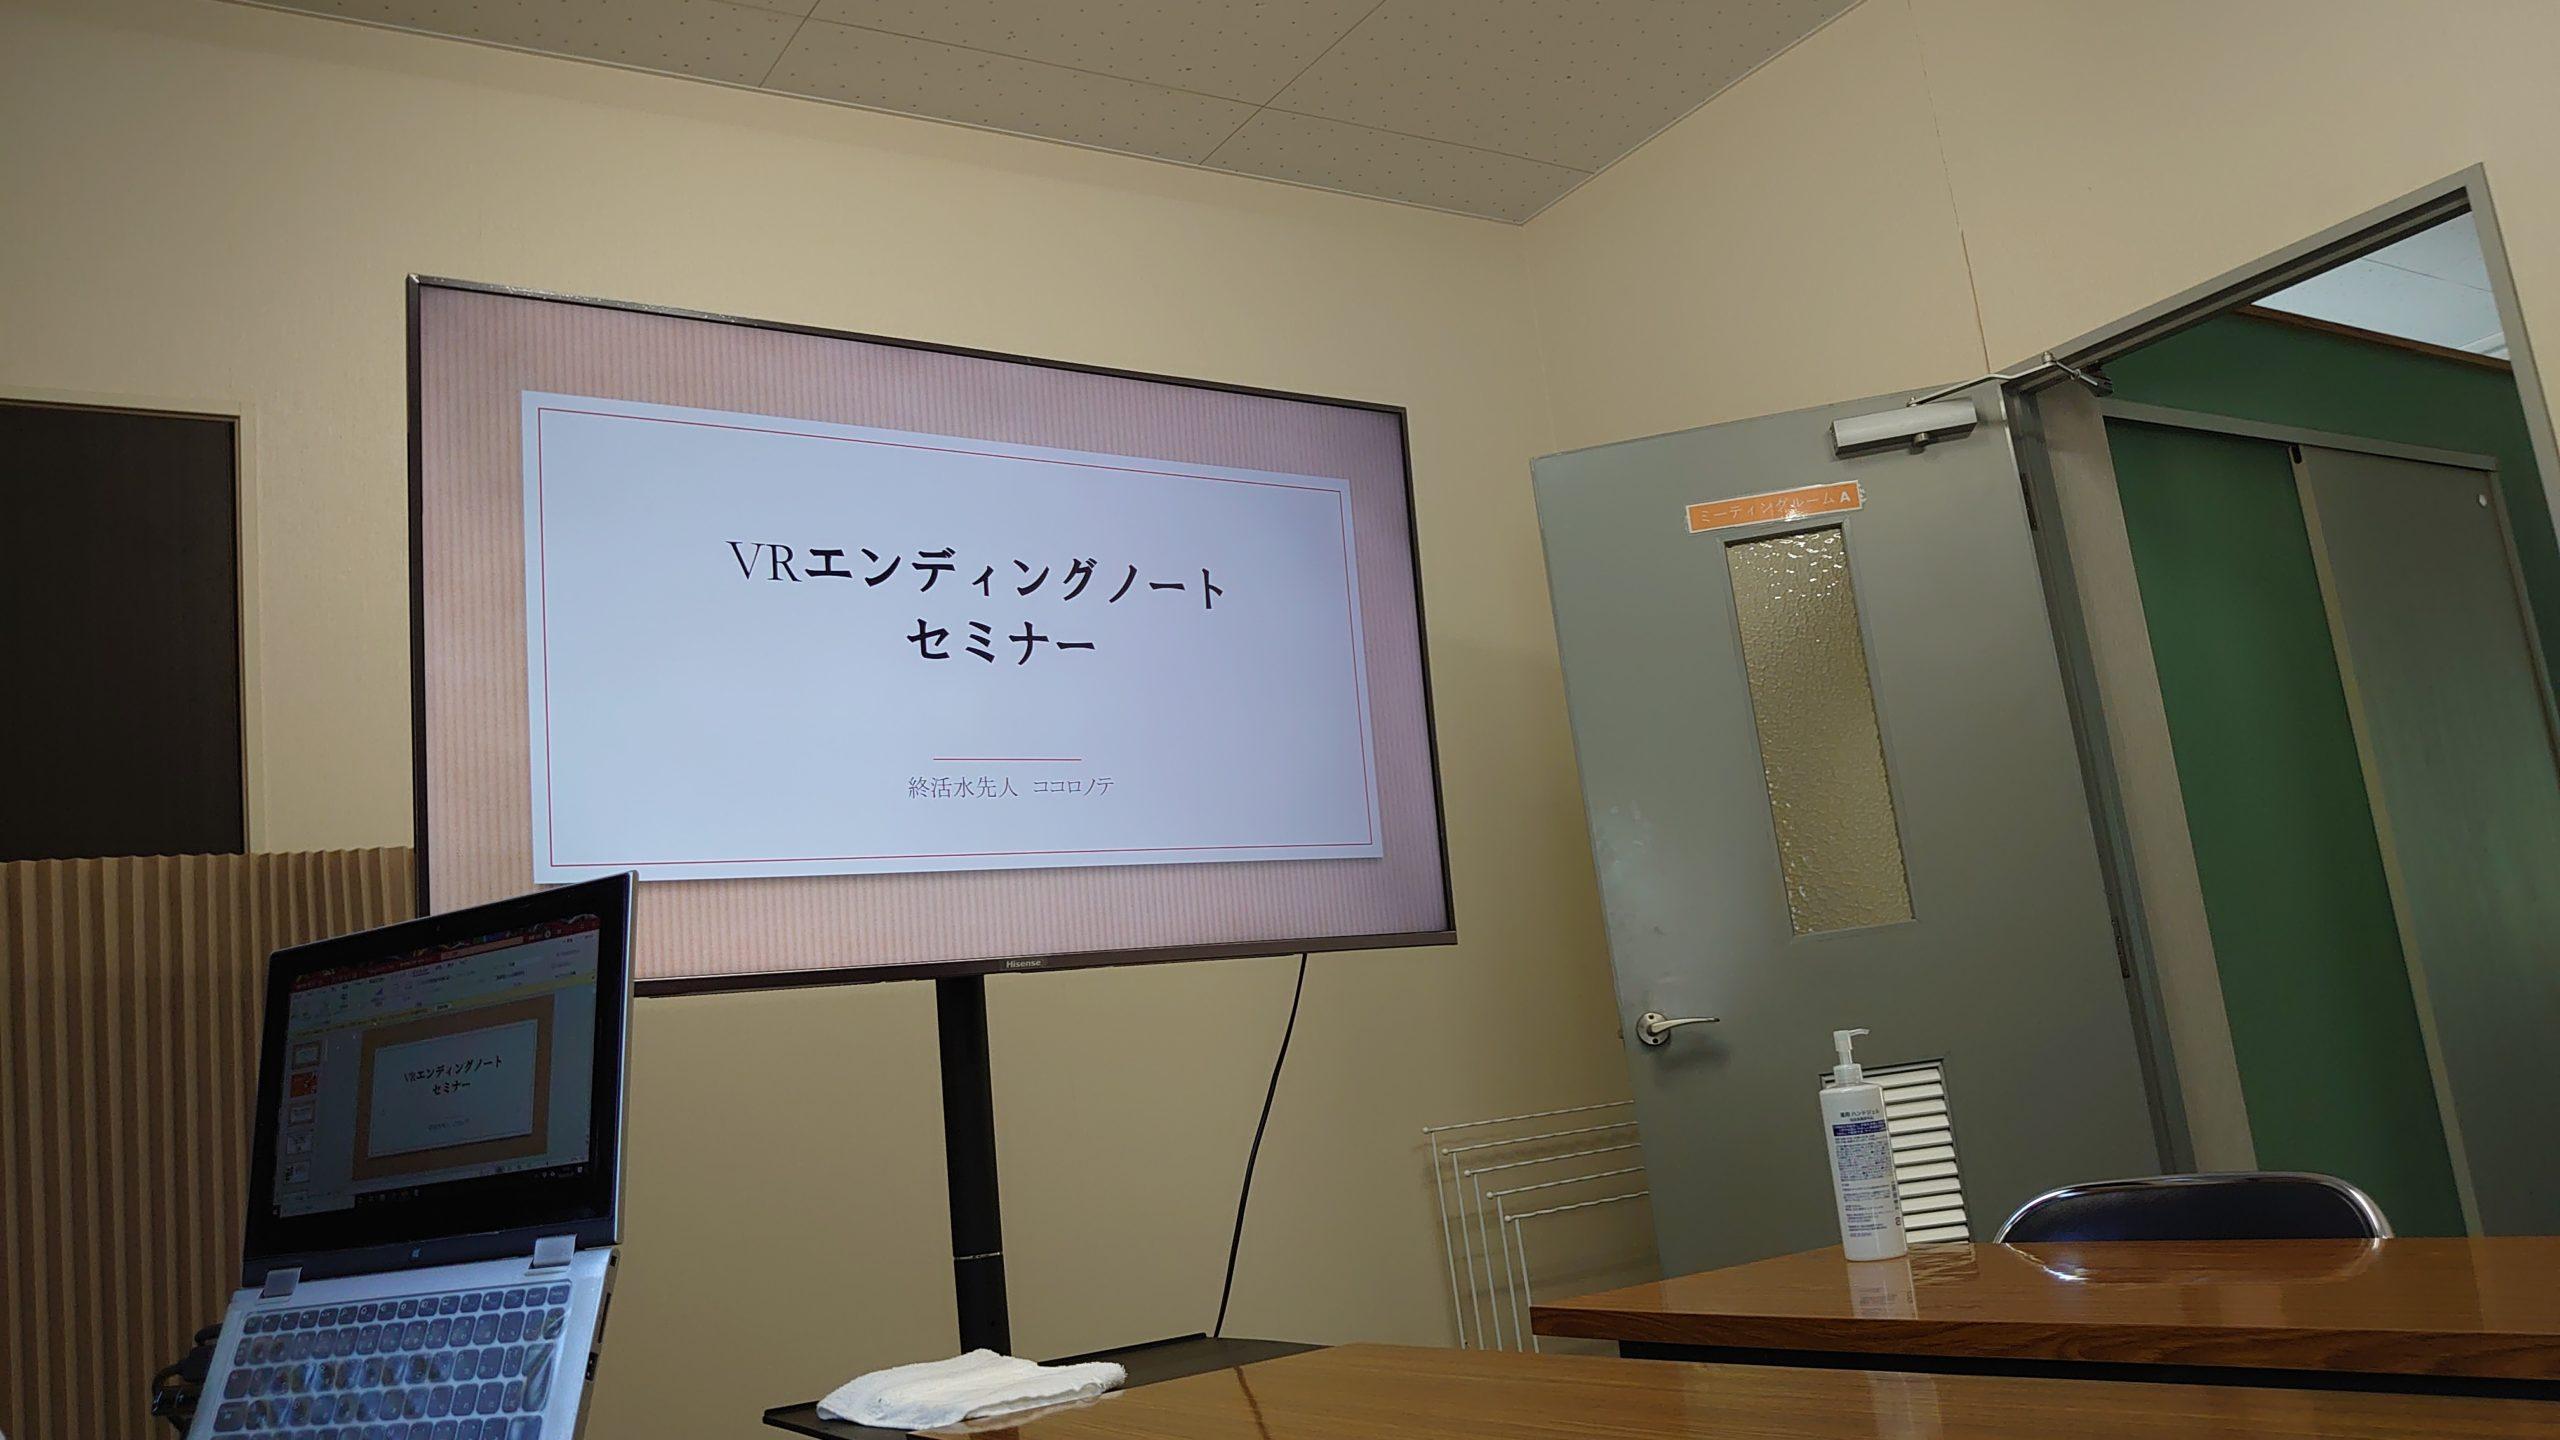 2020年5月30日福島県白河市「VRエンディングノートセミナー」を開催しました。